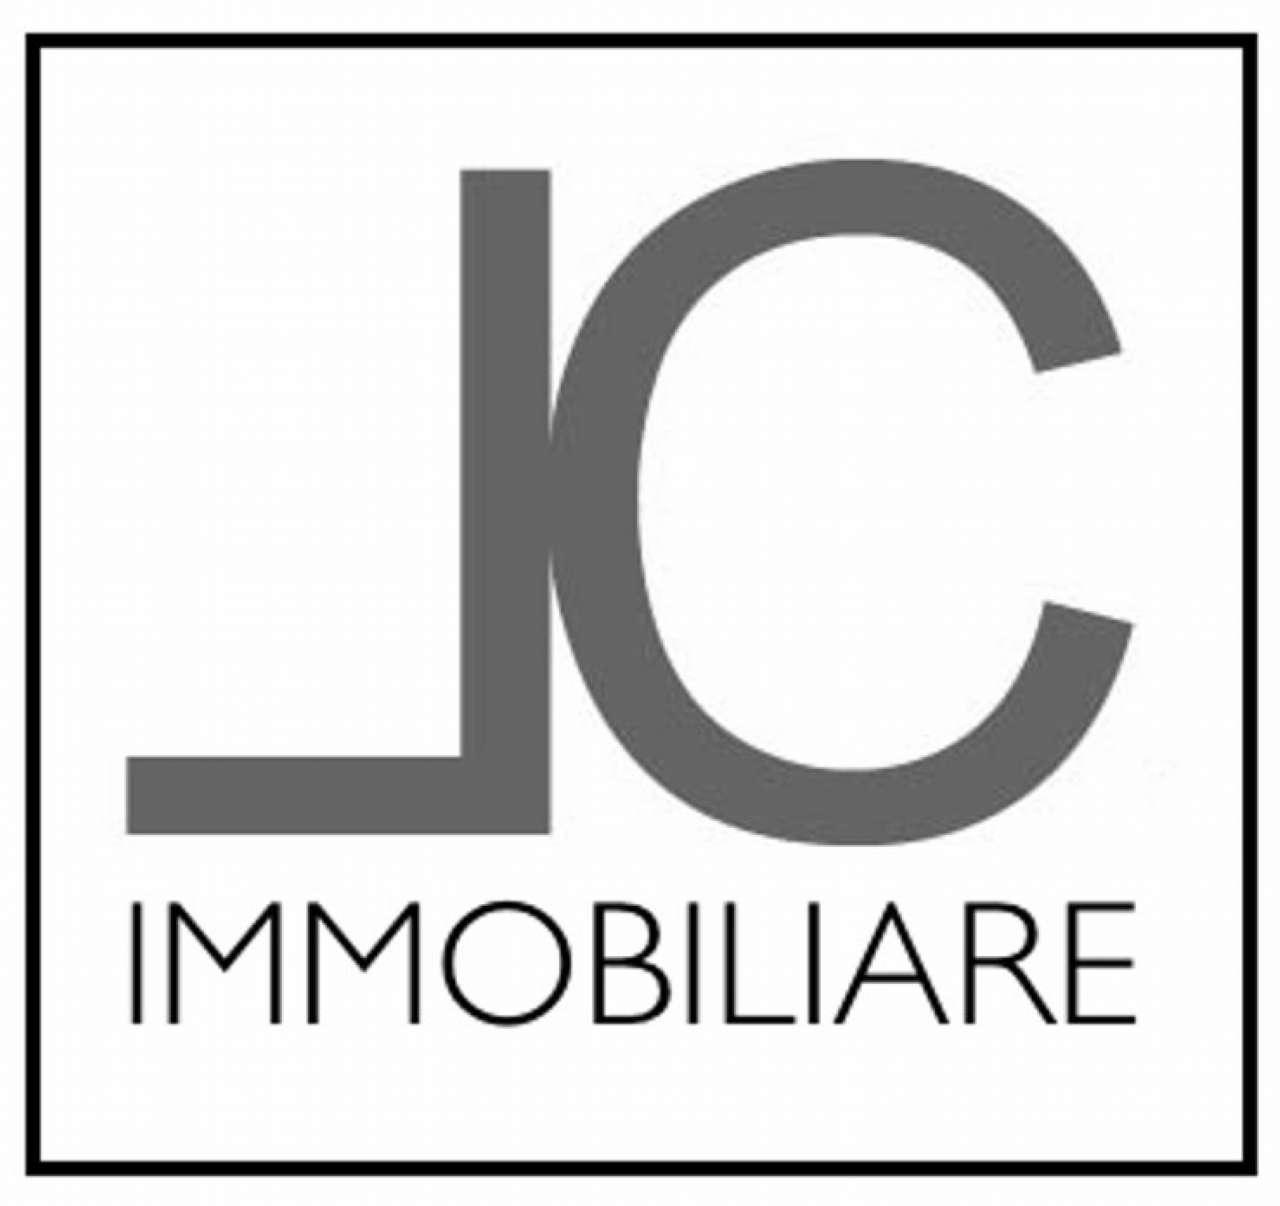 Appartamento in affitto a Cardano al Campo, 2 locali, prezzo € 550 | CambioCasa.it